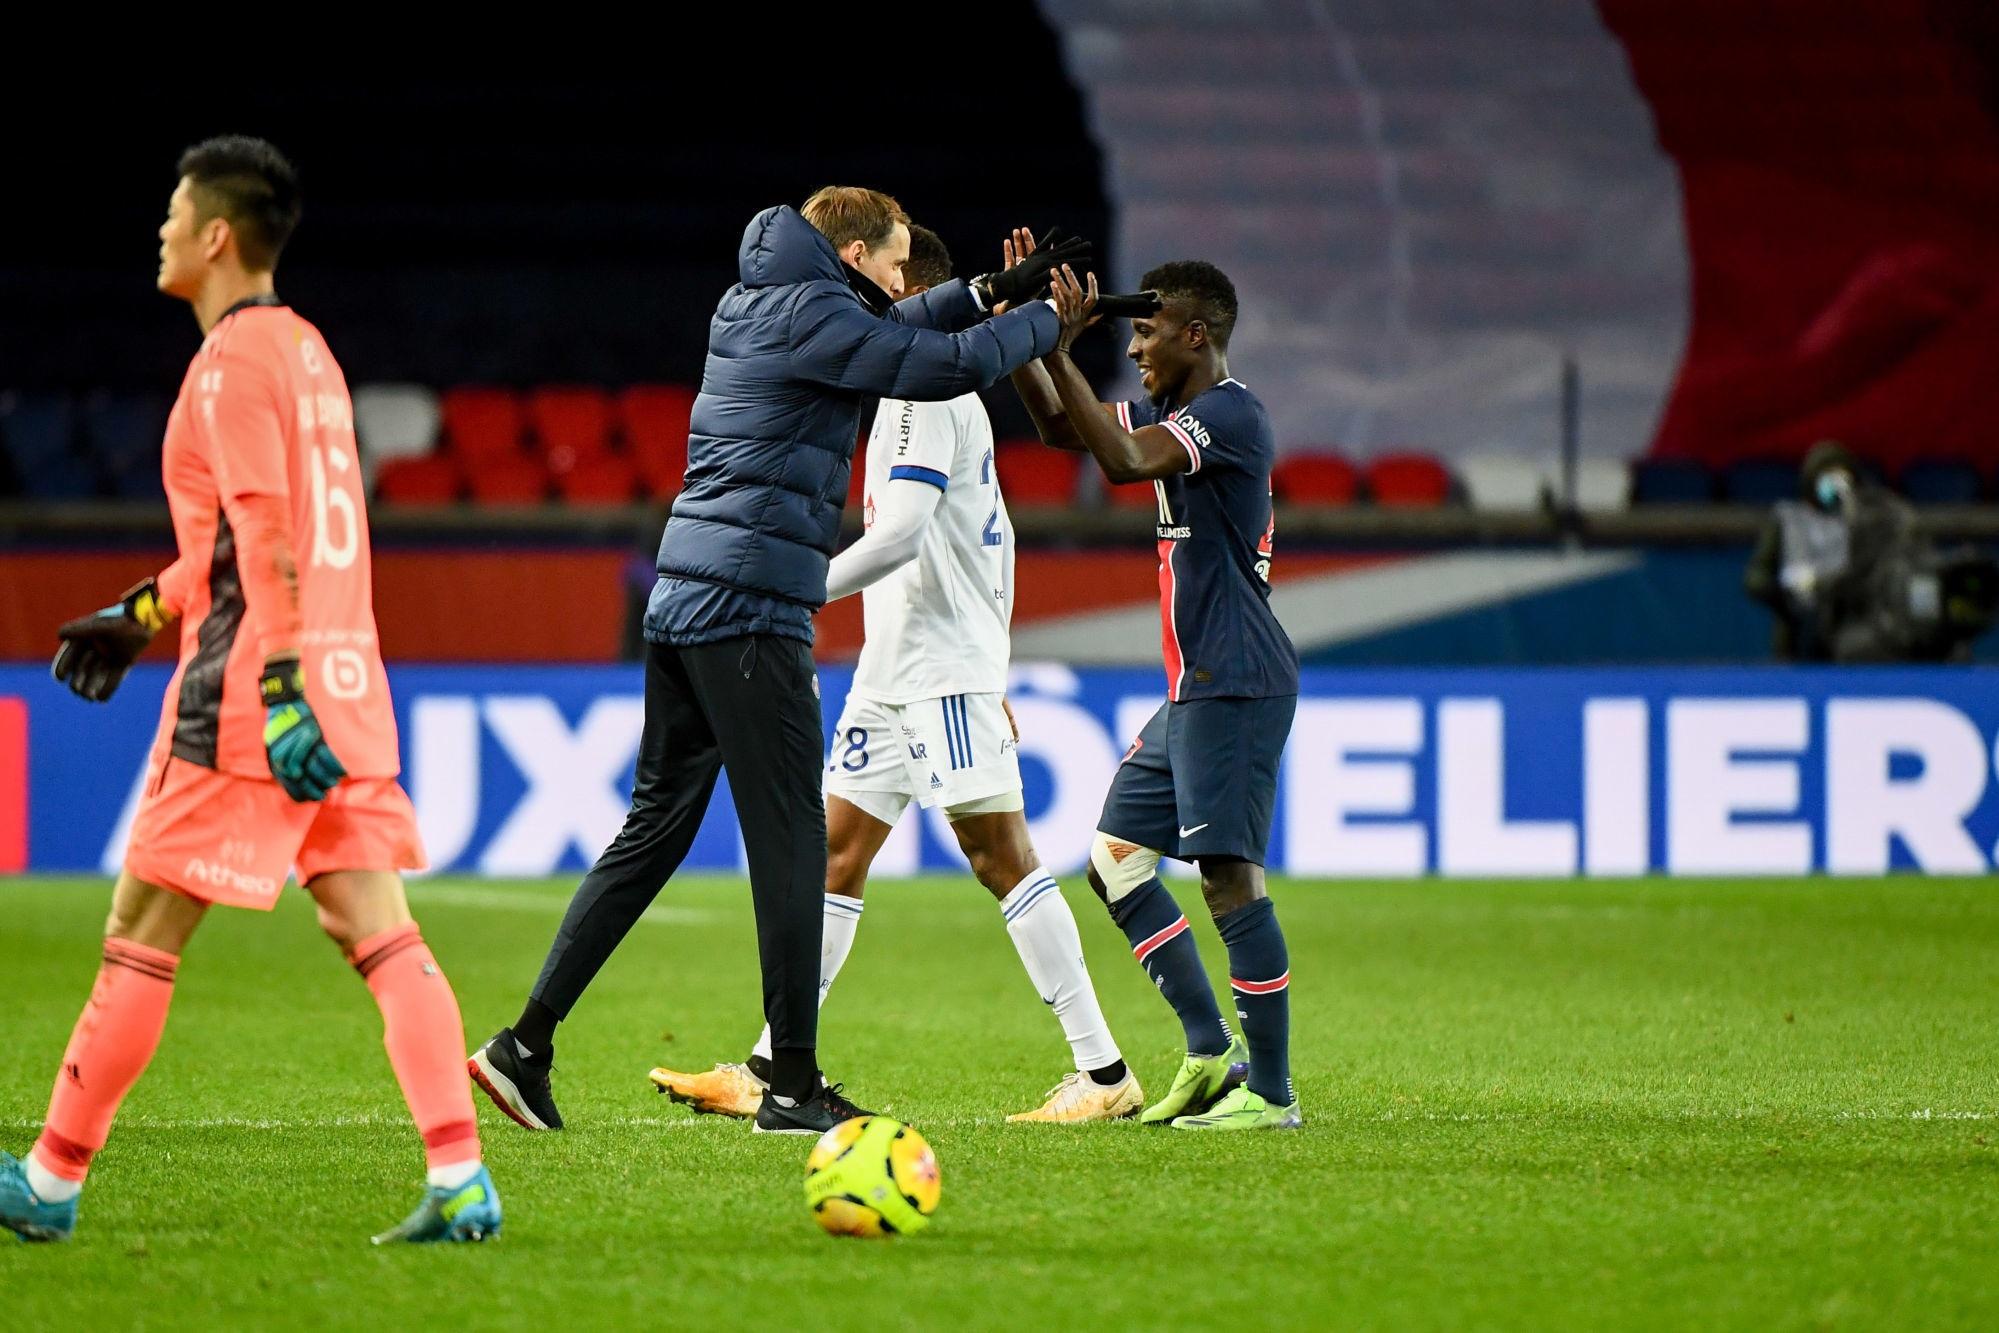 """PSG/Strasbourg - Tuchel est heureux de la victoire et revient sur son interview """"polémique"""""""